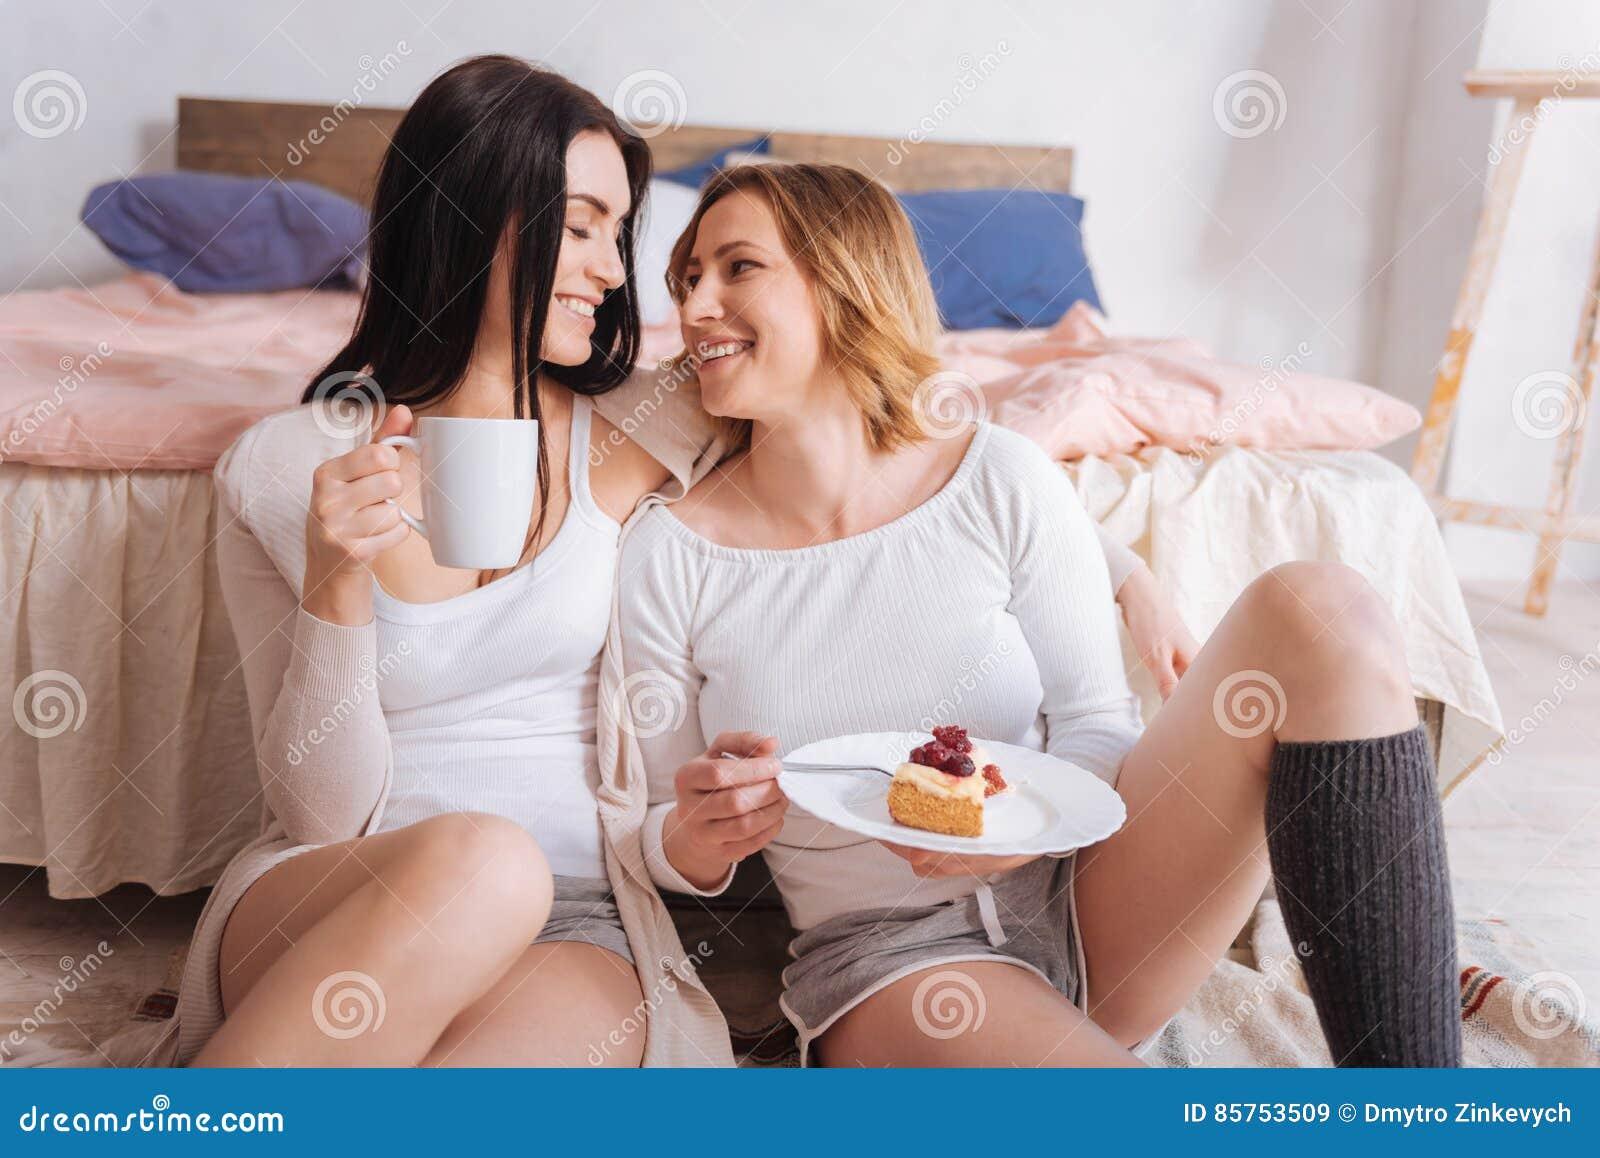 European big breast teen fuck photos